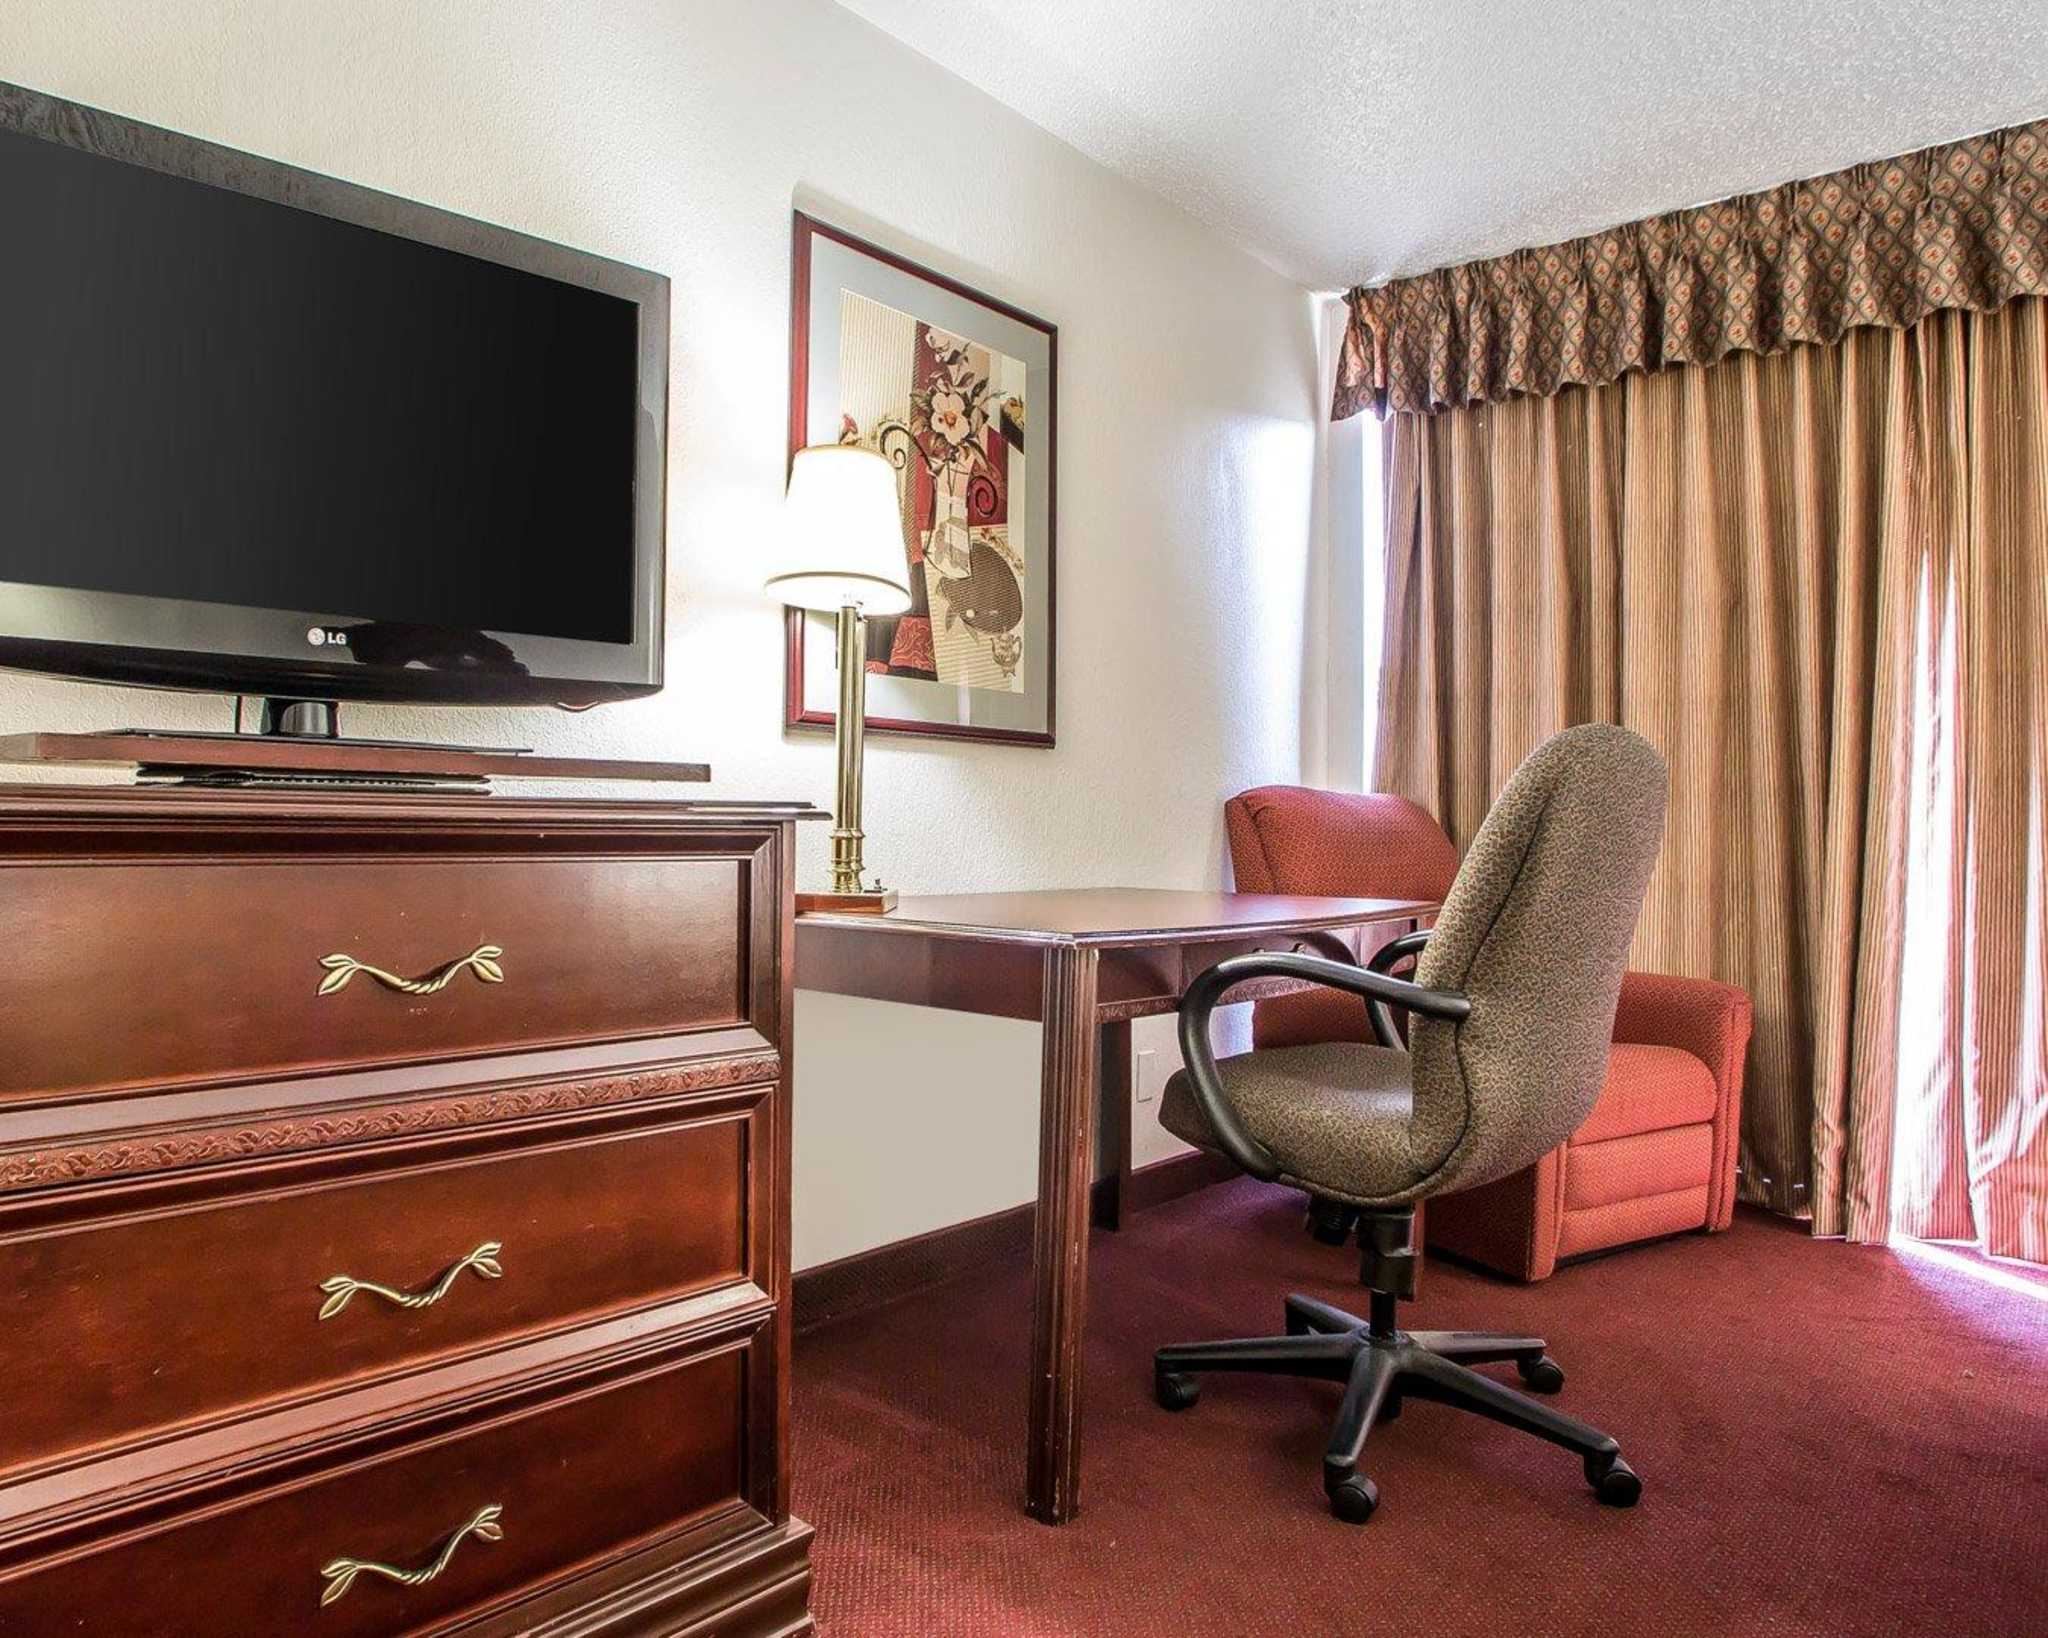 Clarion Hotel Highlander Conference Center image 26